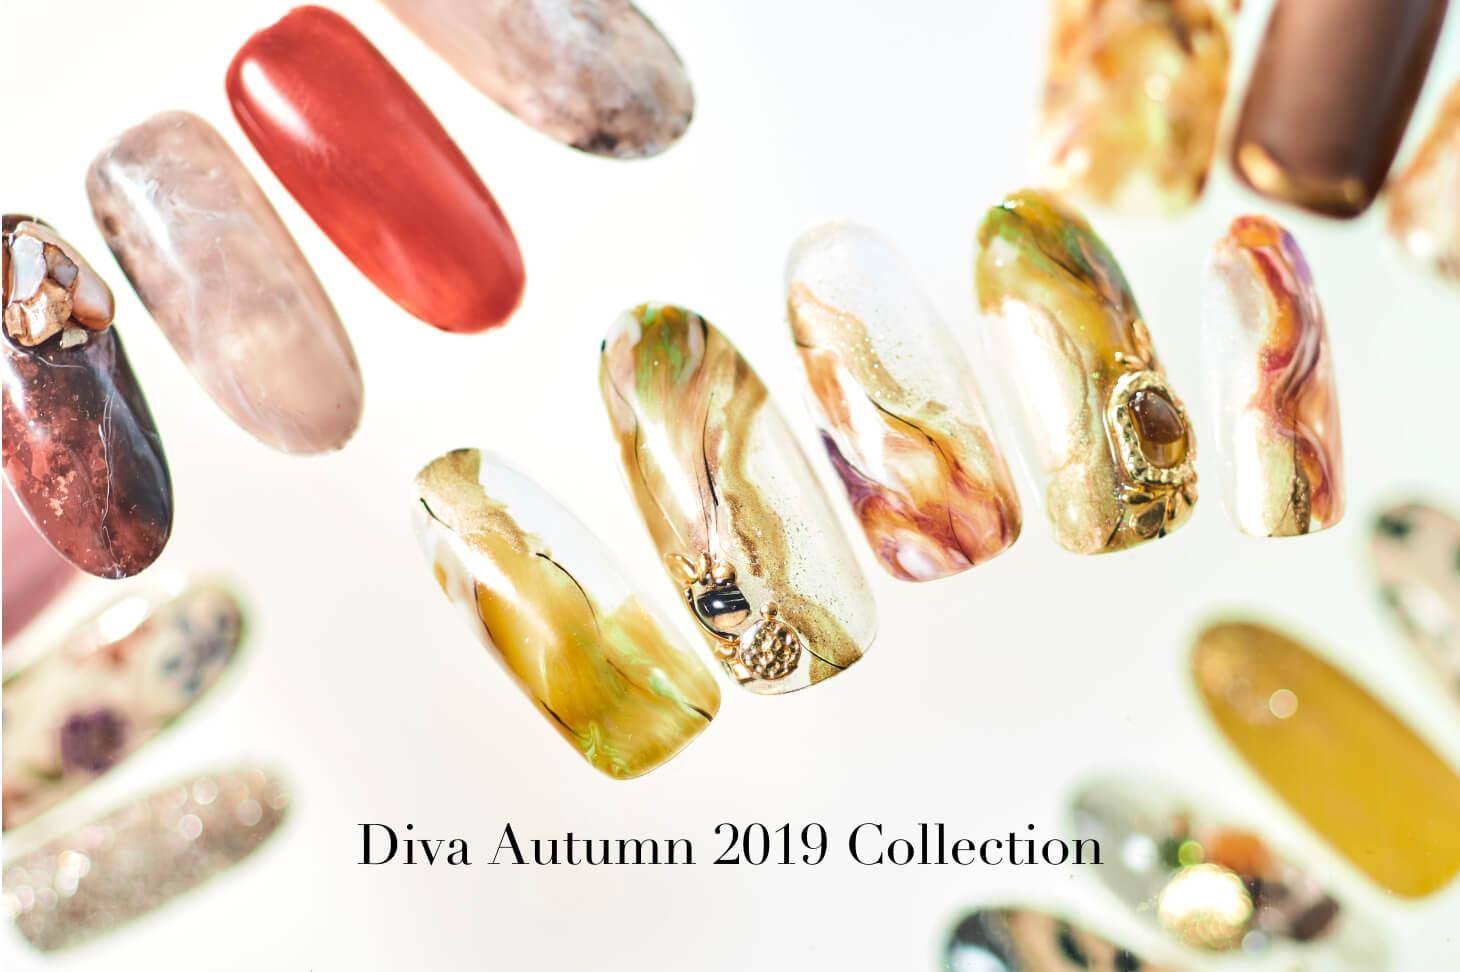 [ Diva Autumn Collection 2019 ]5つのオータムネイルデザイン発表